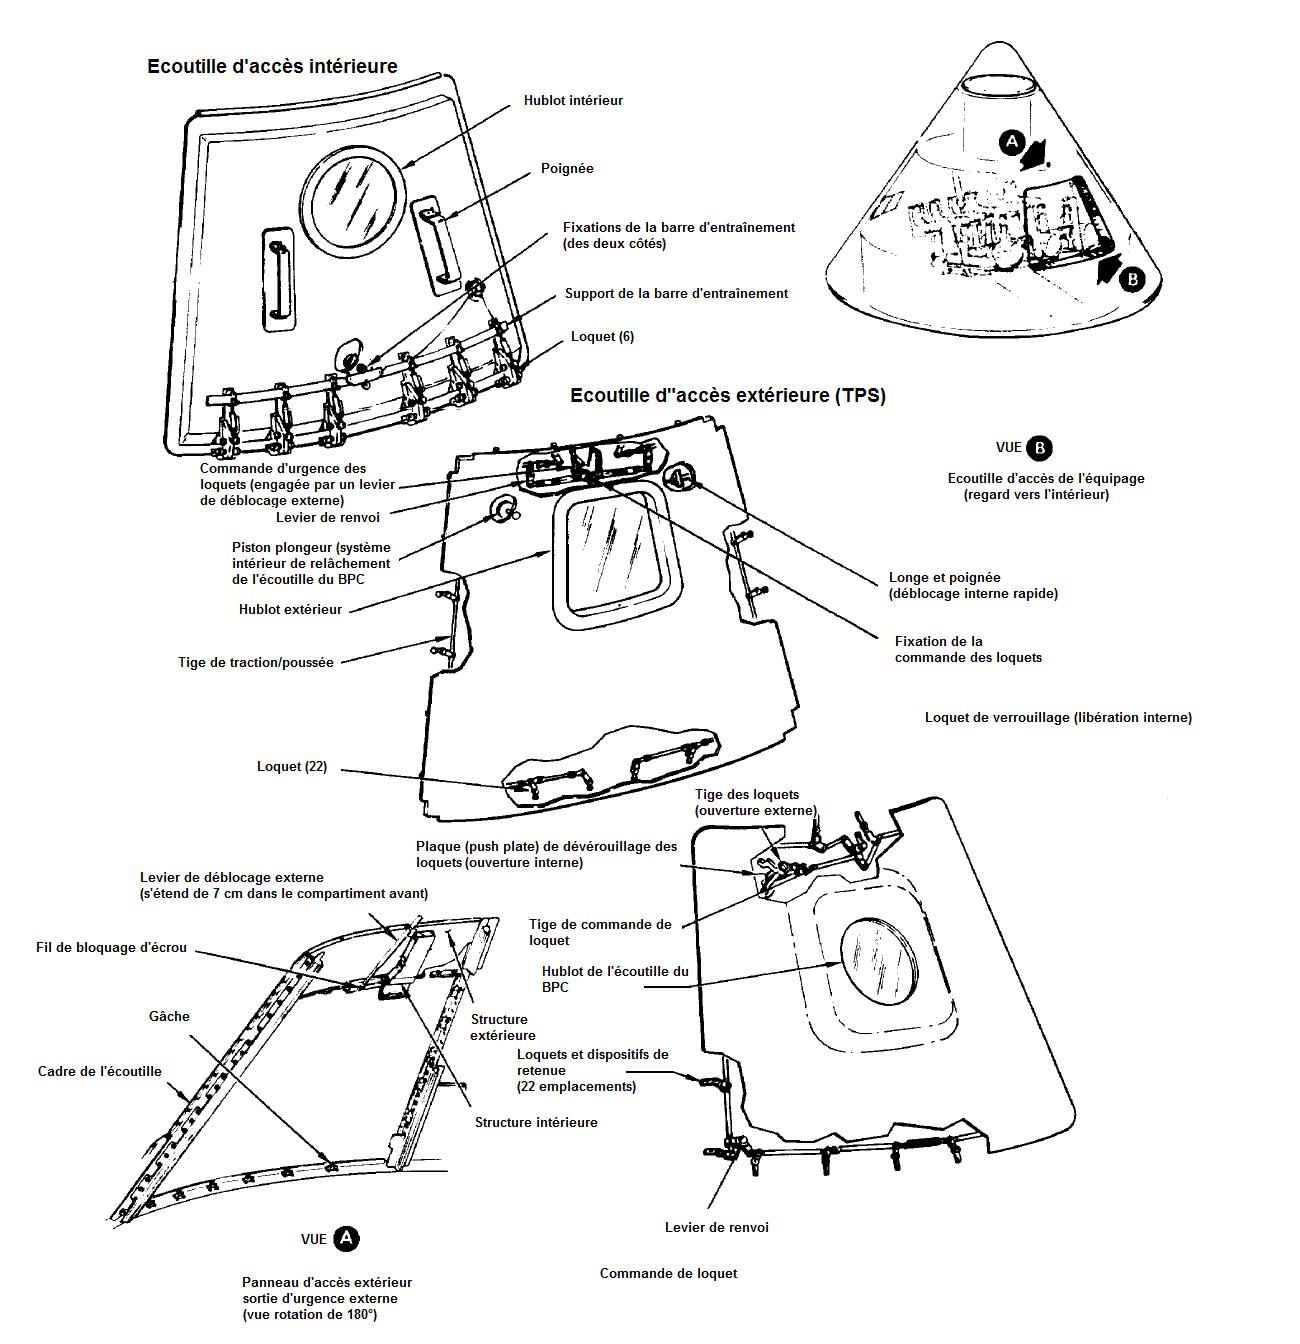 apollo capsule diagram - HD1300×1344